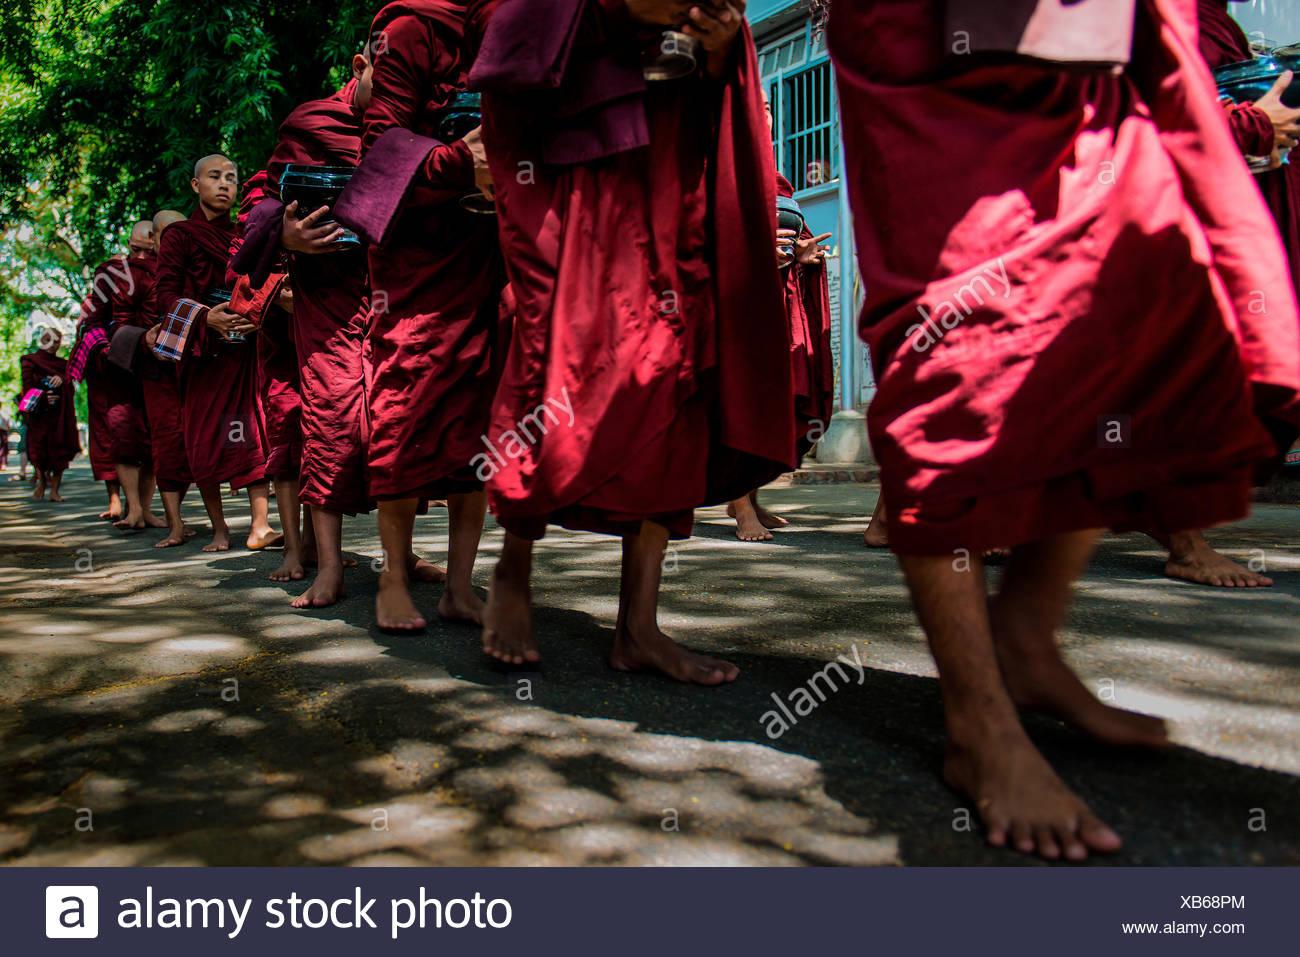 Monasterio Mahagandayon, Amarapura, Myanmar, el sur de Asia oriental. Los monjes en una fila para el ritual de la comida. Foto de stock